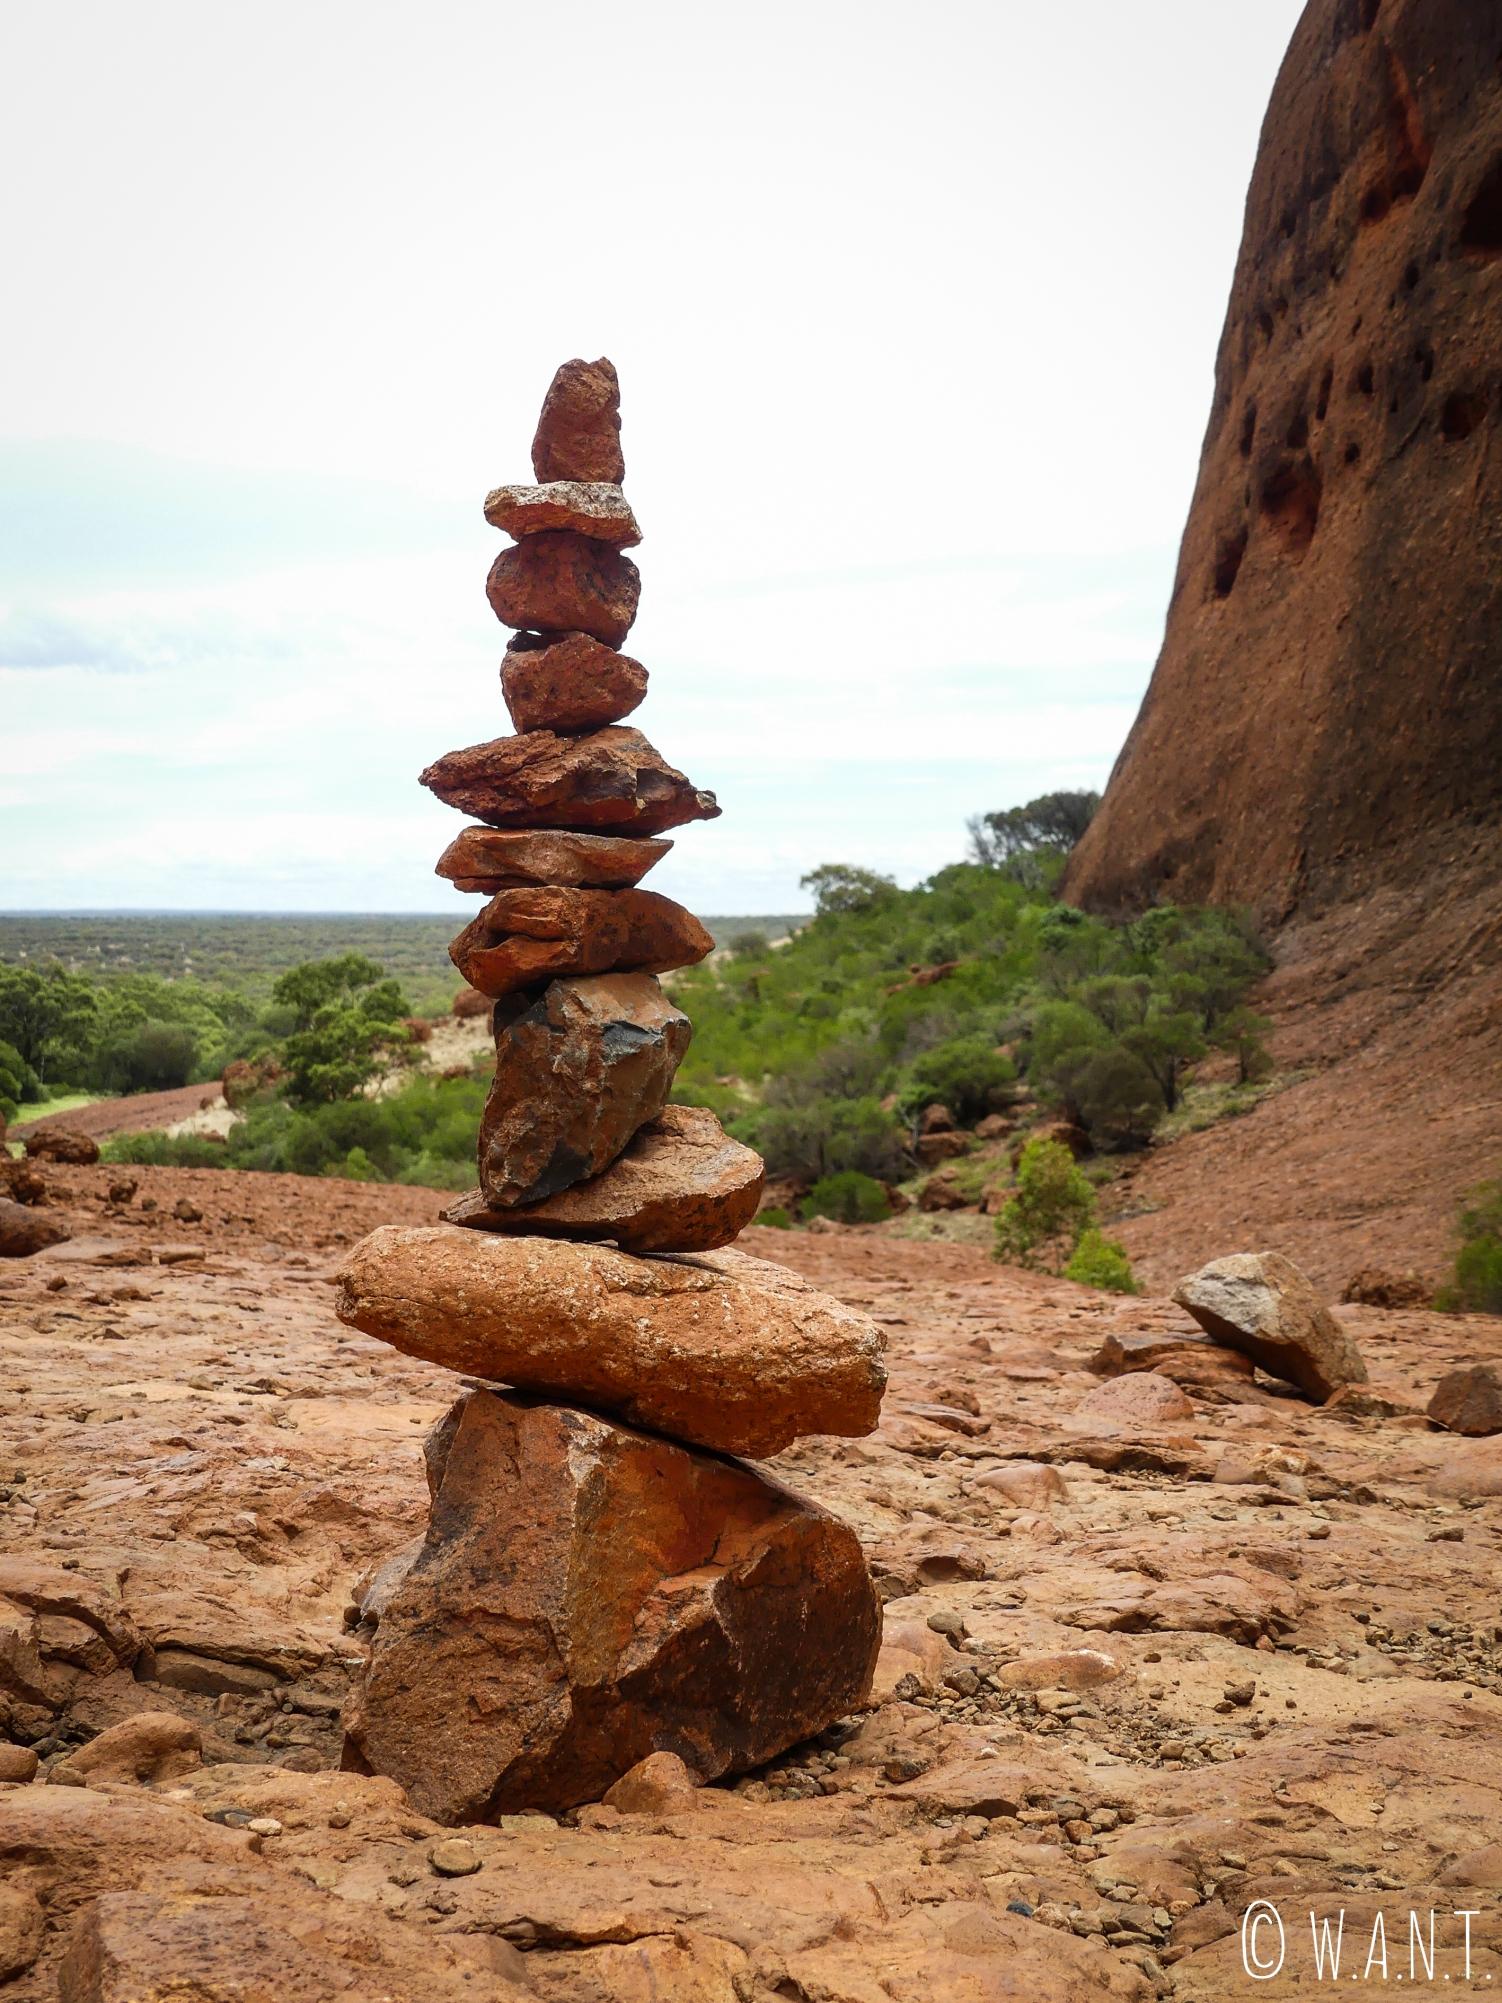 Cairns le long du trail Walpa Gorge dans le parc national Uluru-Kata Tjuta